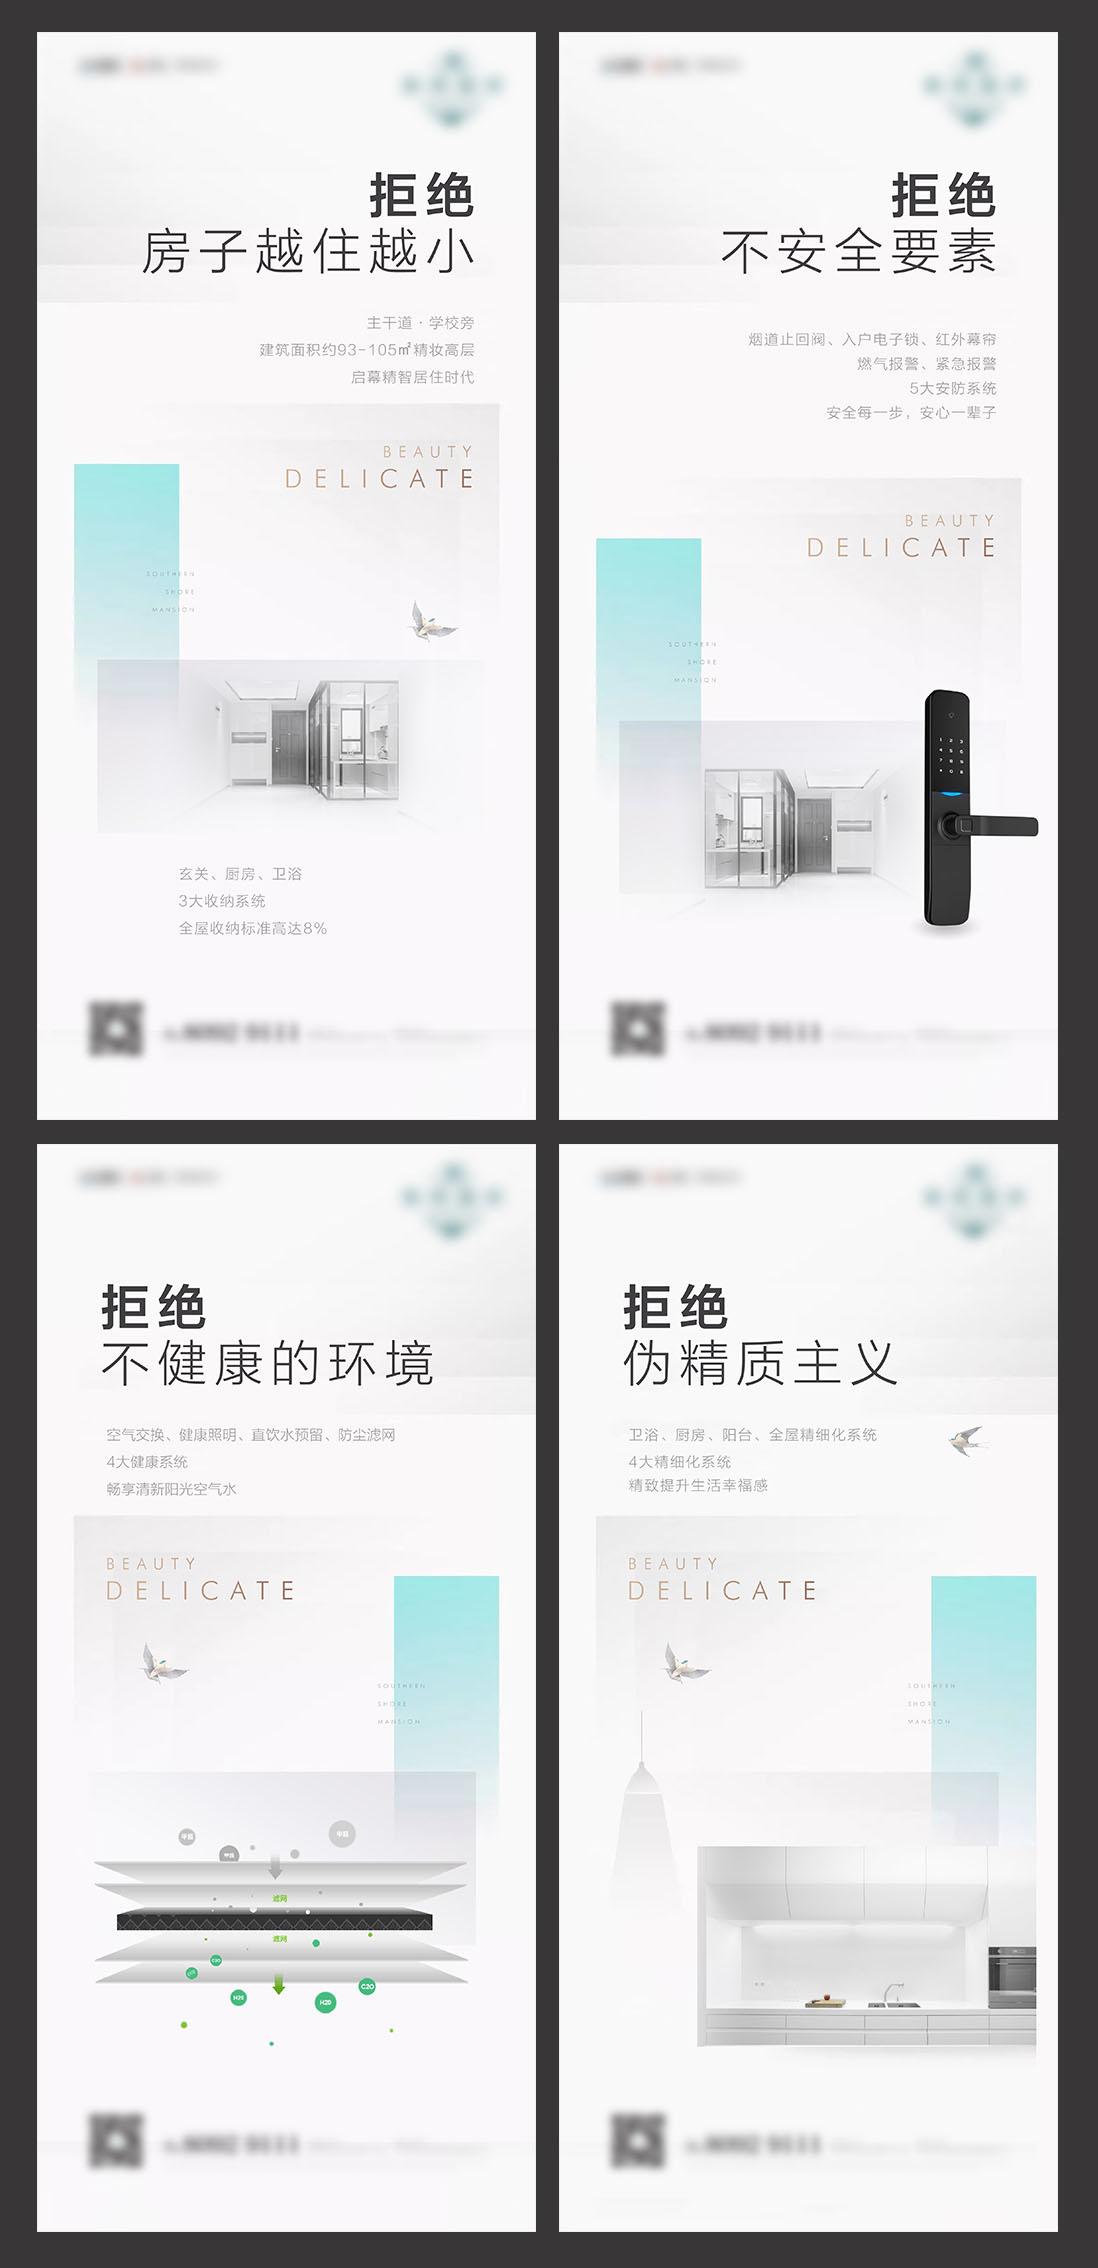 地产简约住宅价值点刷屏海报AI+PSD源文件插图